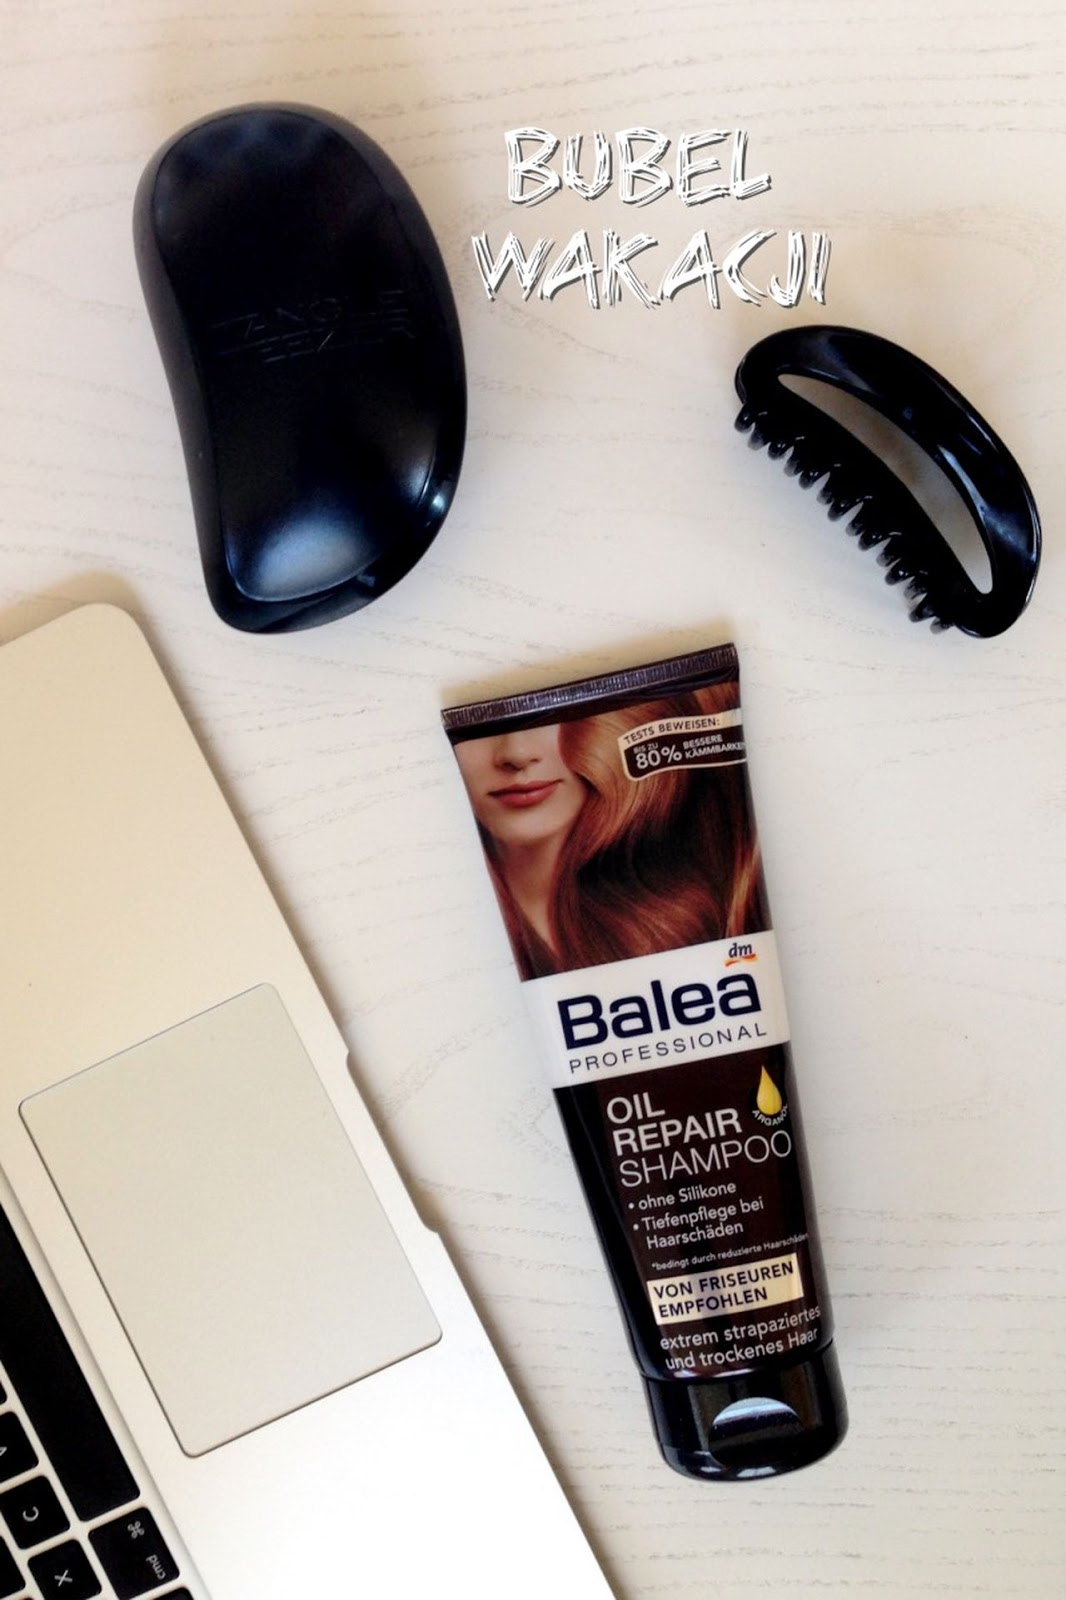 Bubel tegorocznych wakacji / Professional Oil Repair Shampoo Balea